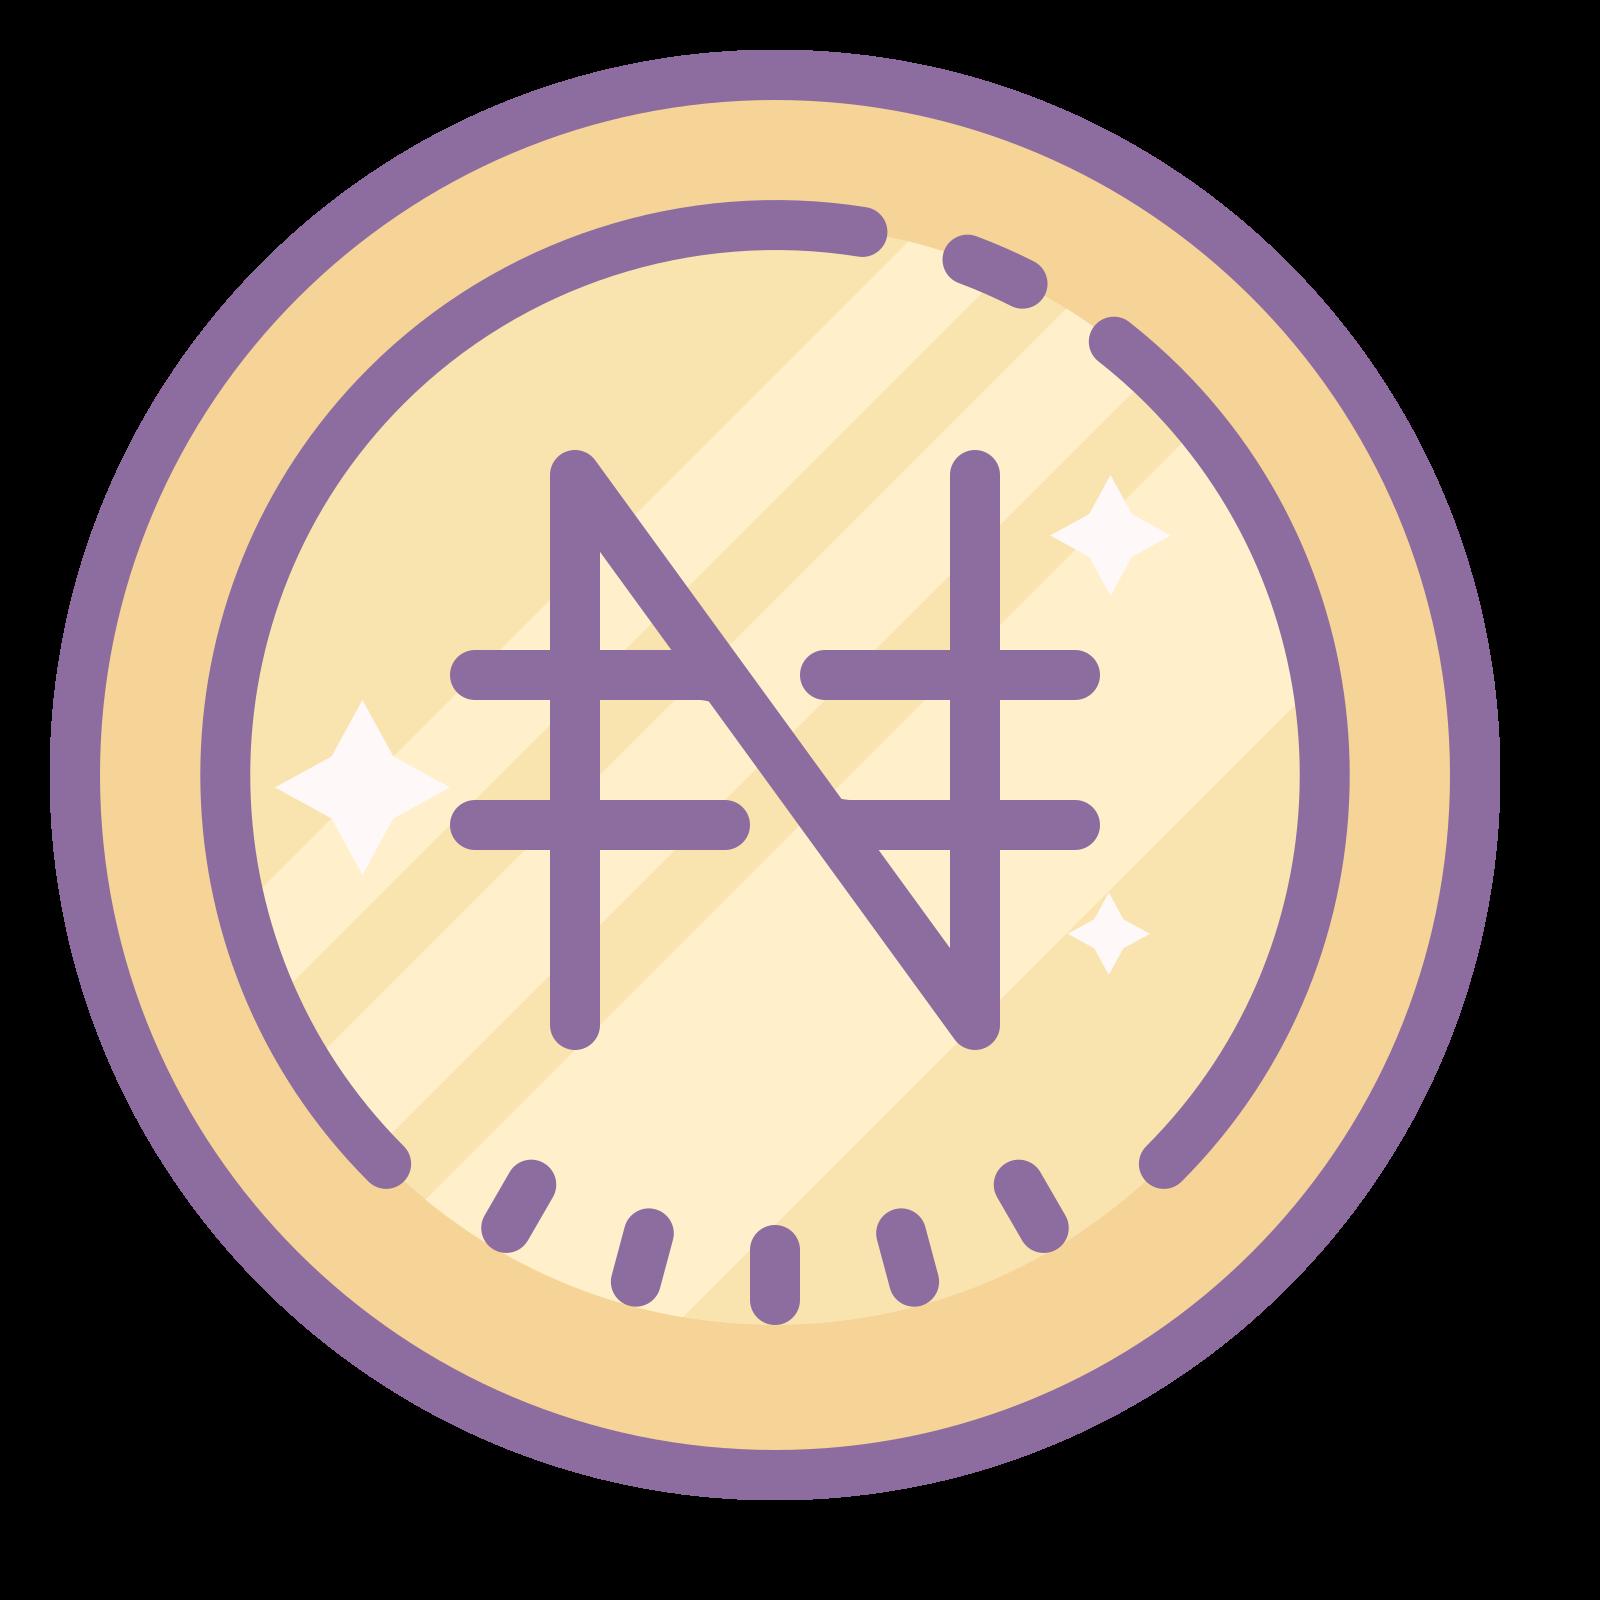 Naira icon